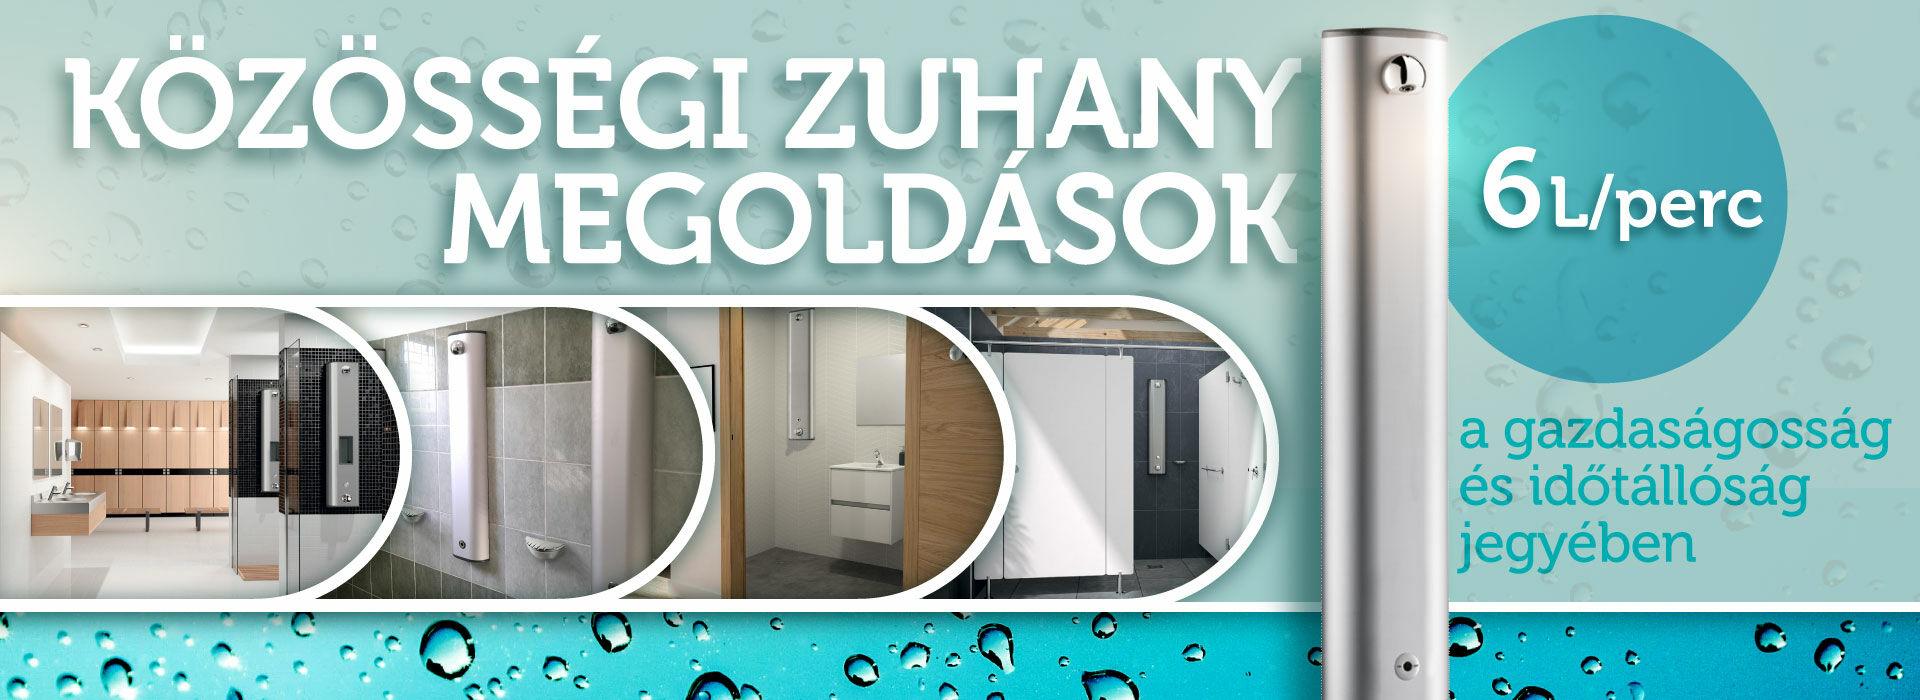 DELABIE zuhanyfalak, zuhanypanelek időtálló, gazdaságos üzemeltetéssel